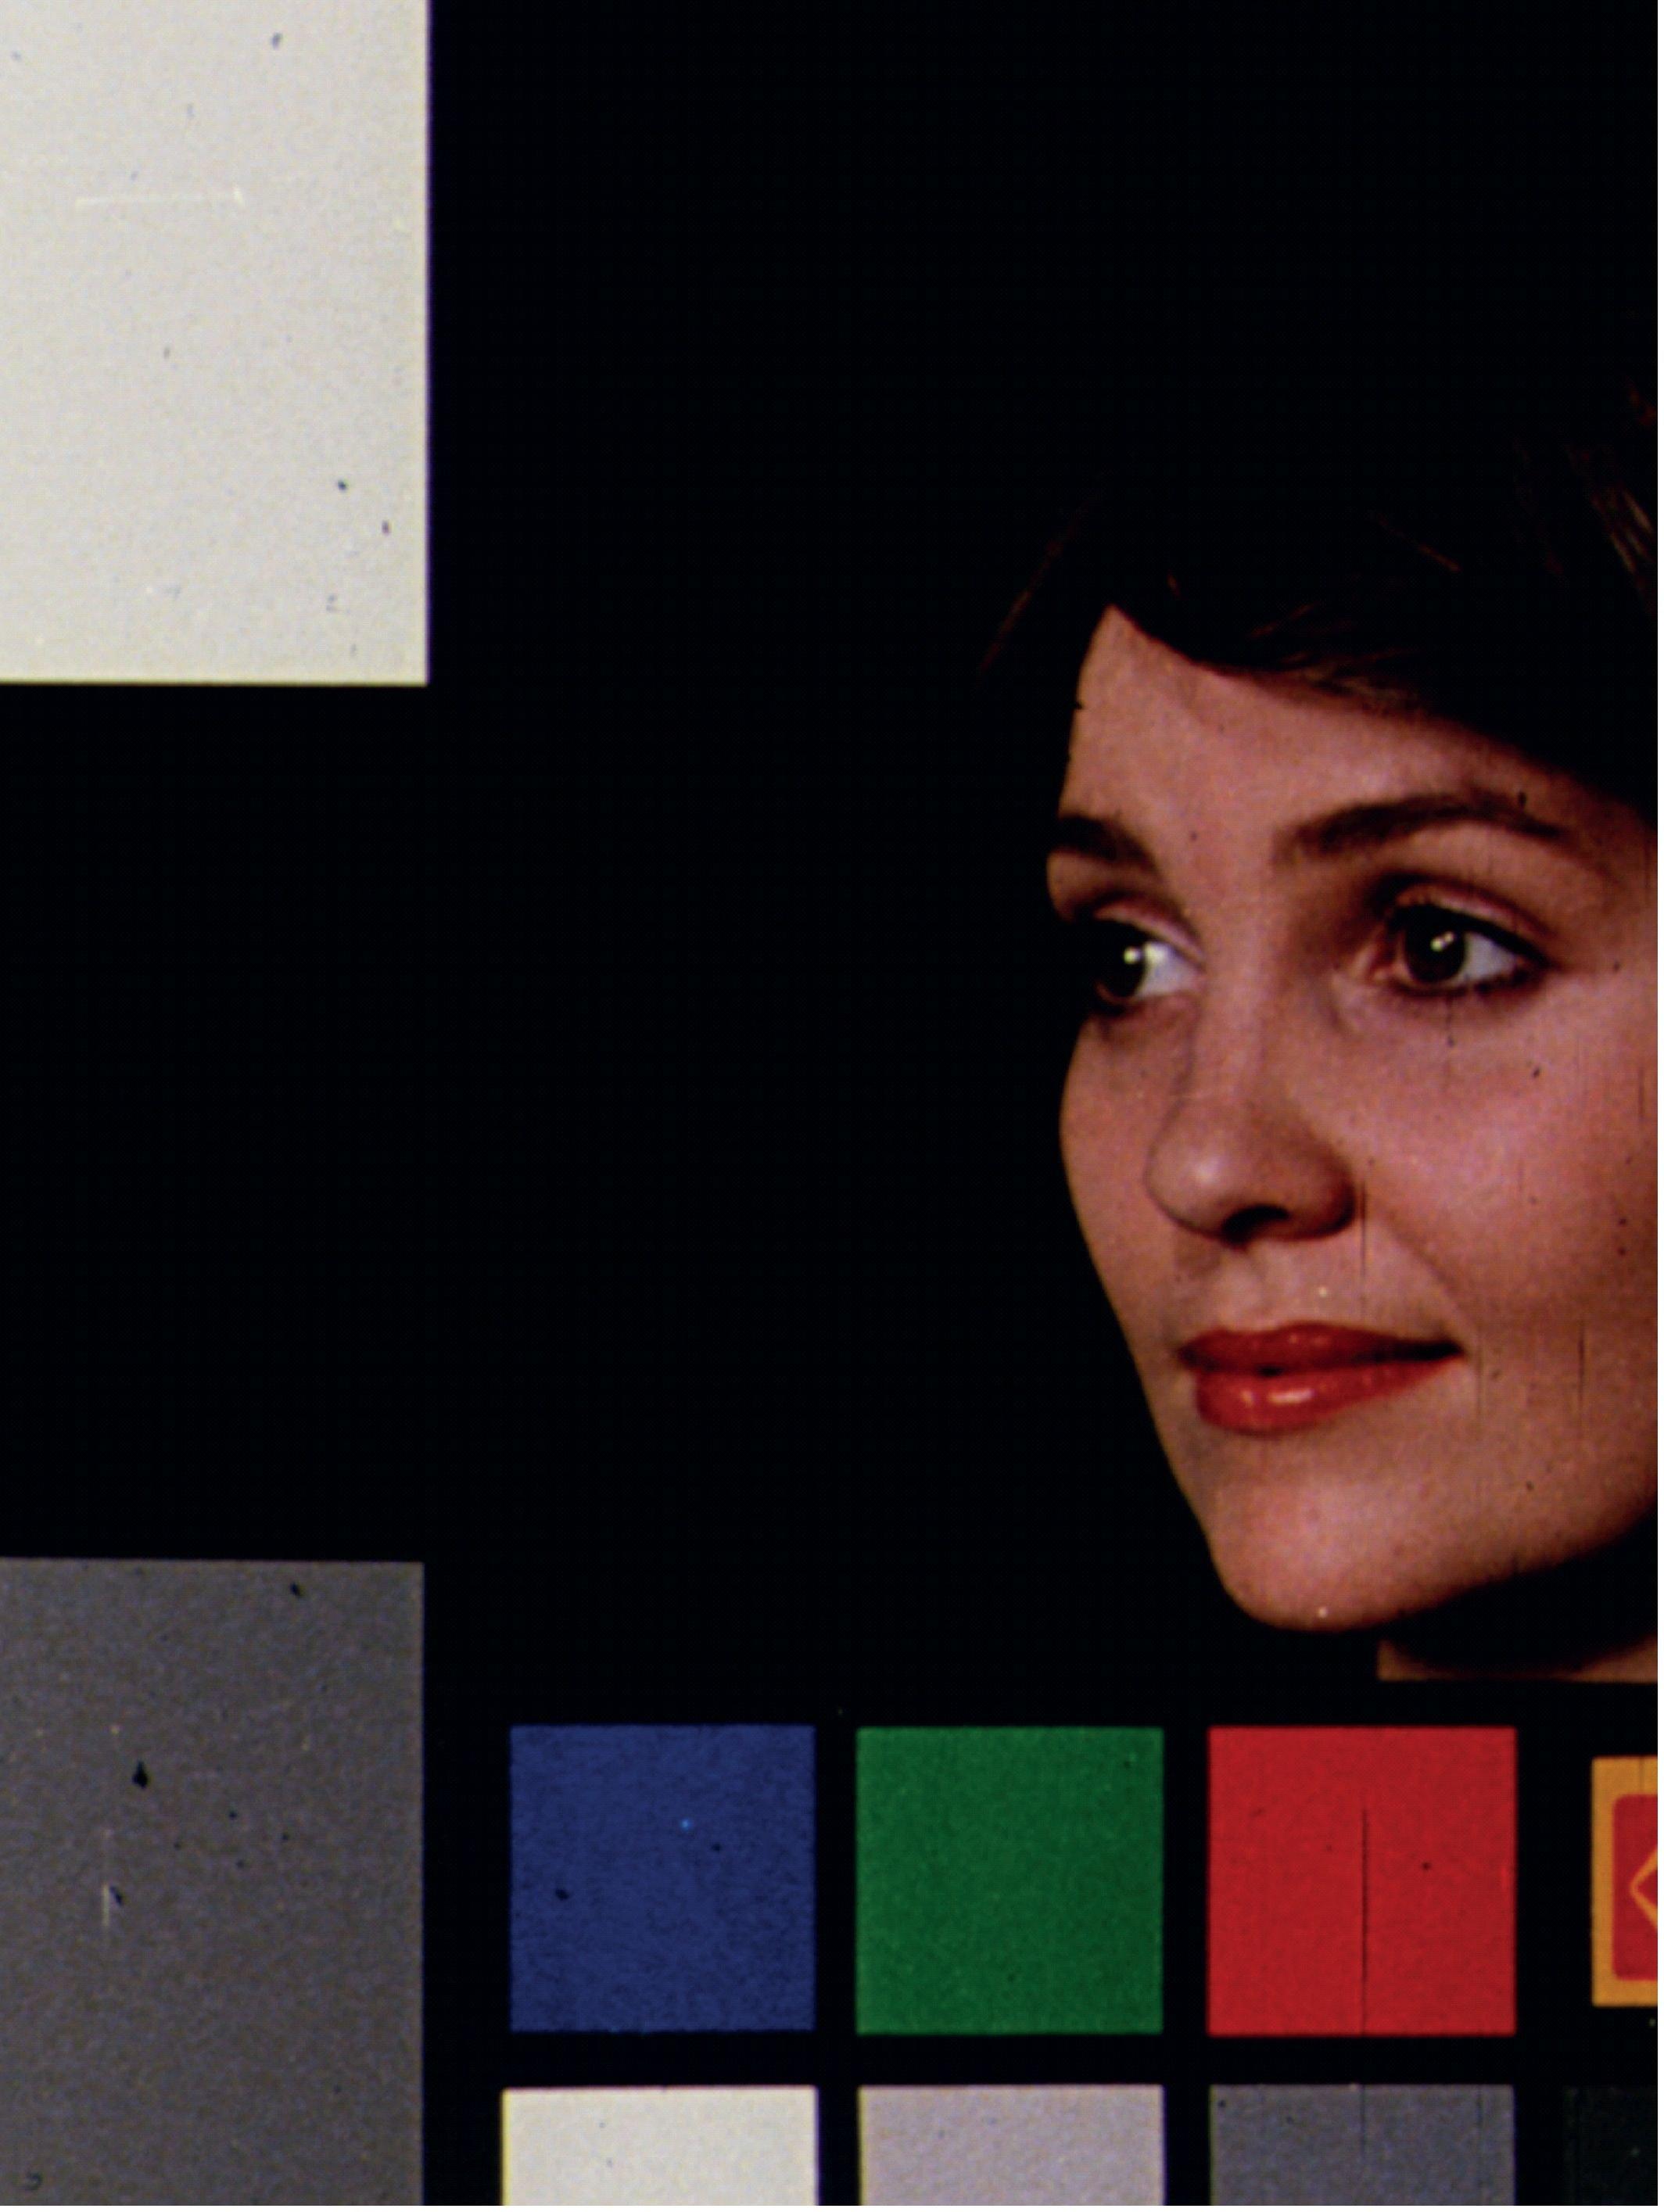 Lili (détail), pour L'exposition d'un film